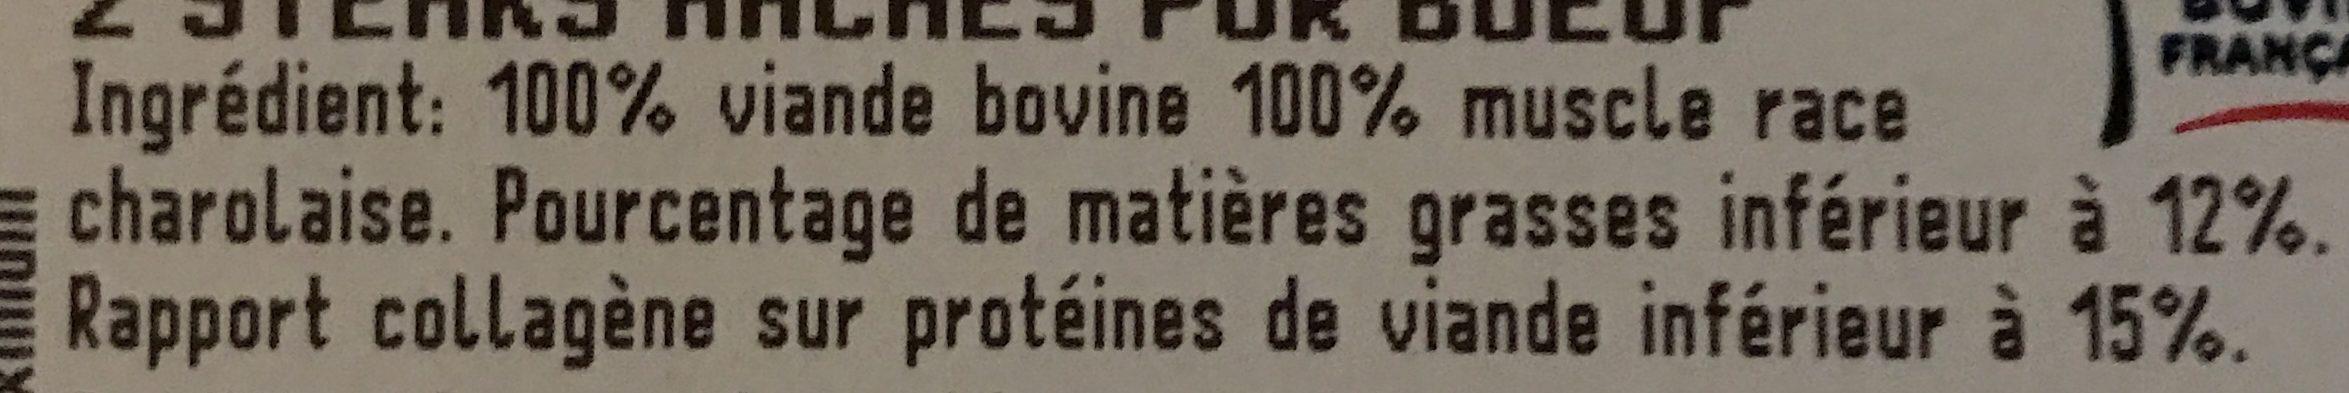 Steak Haché inférieur à 12% - Ingrédients - fr